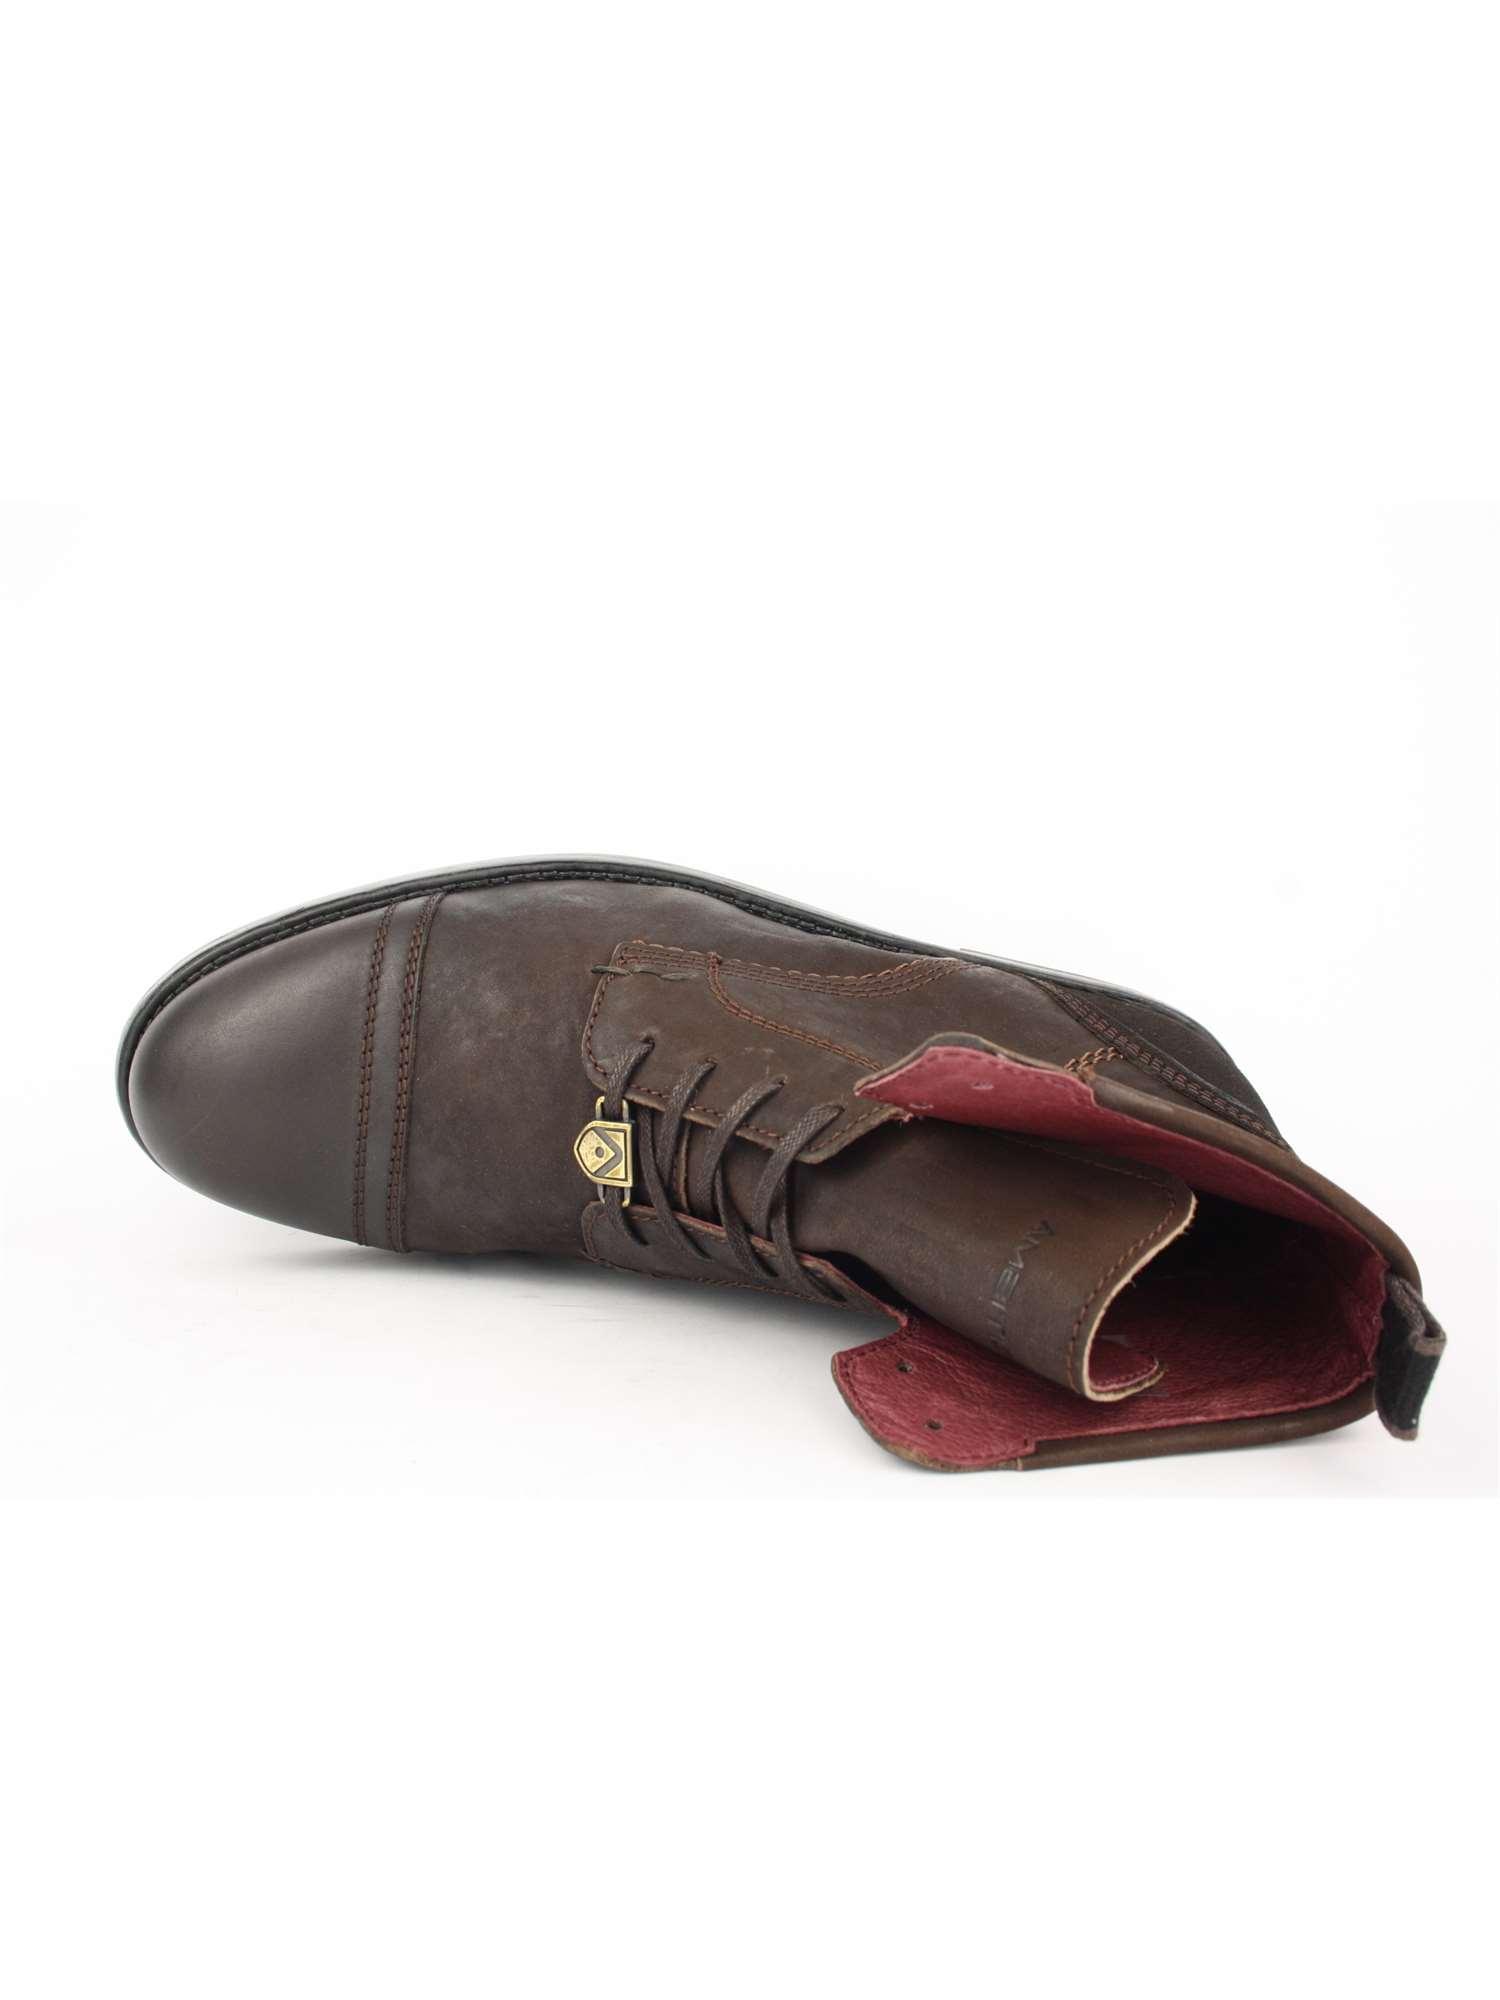 Ambitious Shoes Polacco Marron  85f2db5e2d0